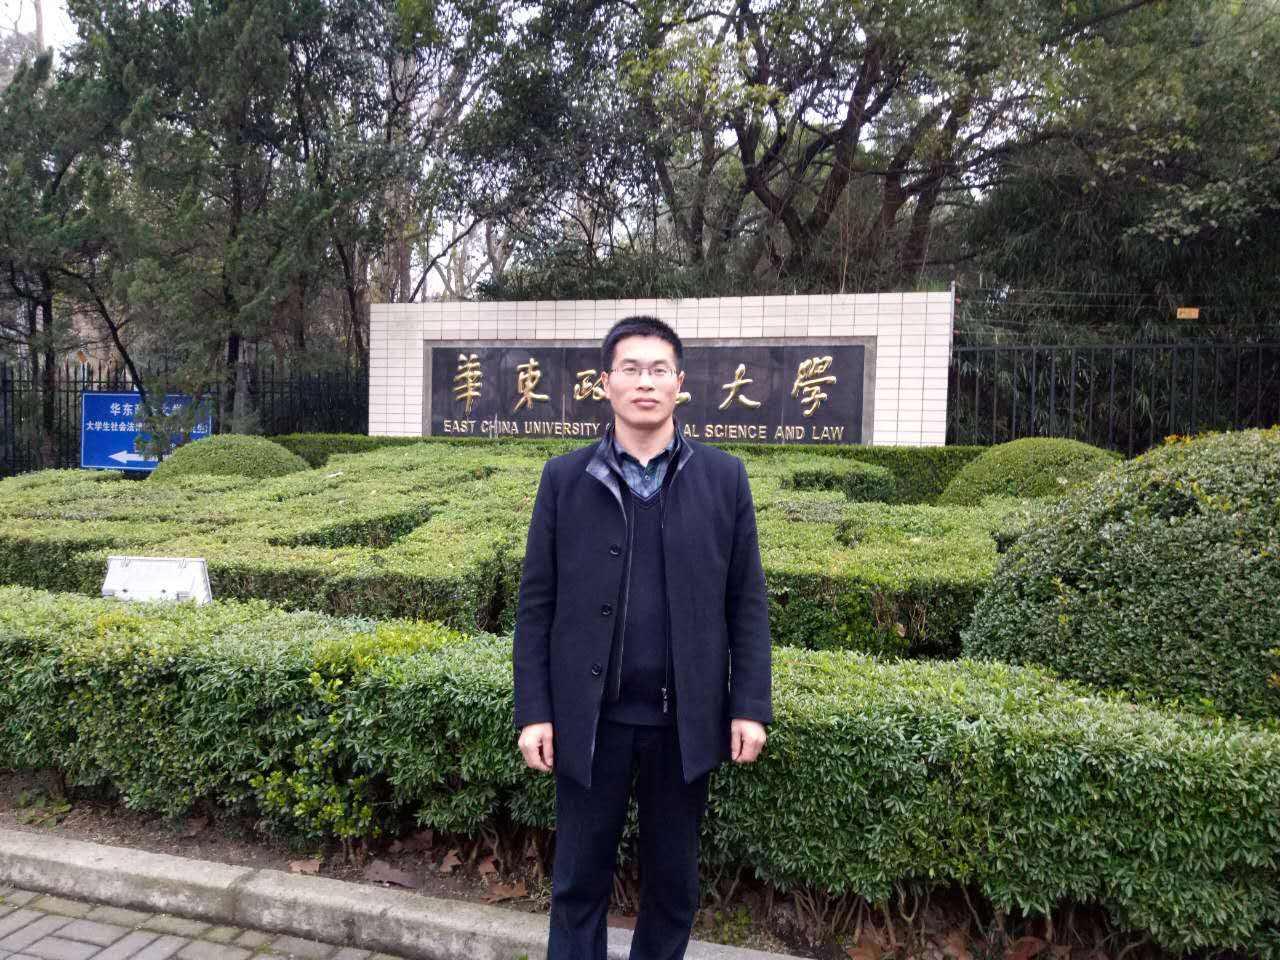 杨先旺:国曜律师执业记